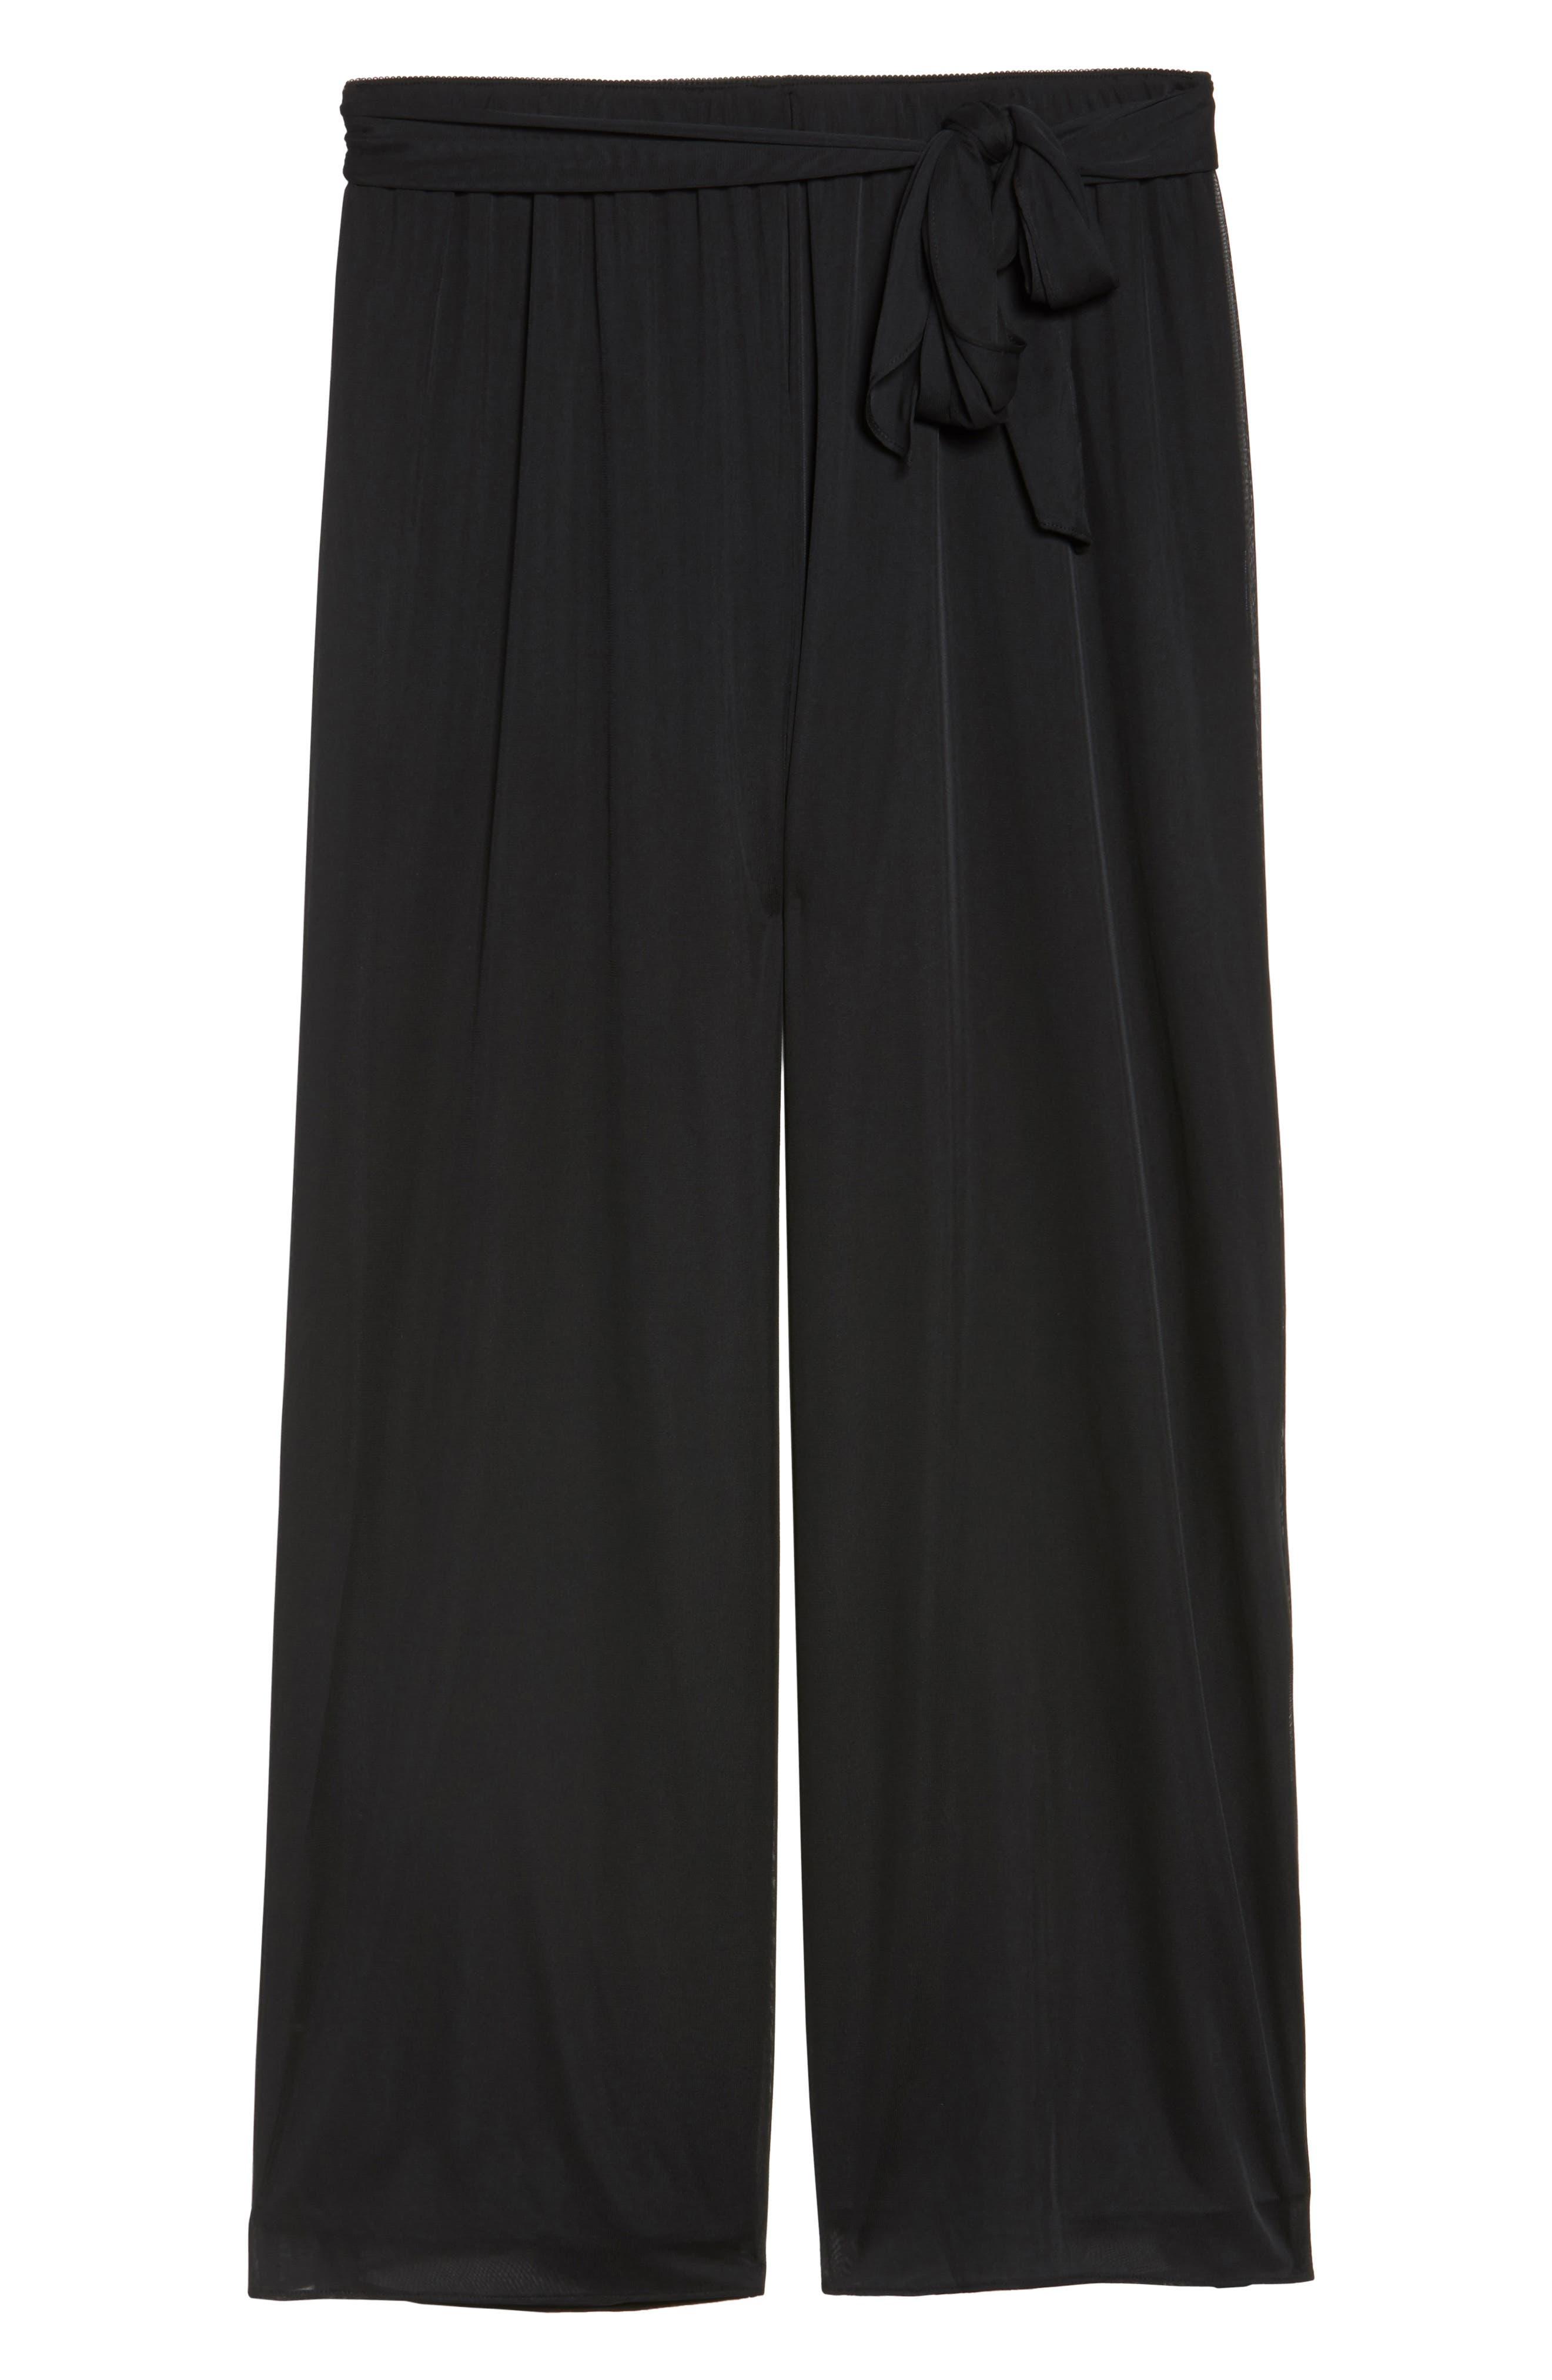 High Rise Tie Waist Wide Leg Pants,                             Alternate thumbnail 6, color,                             BLACK